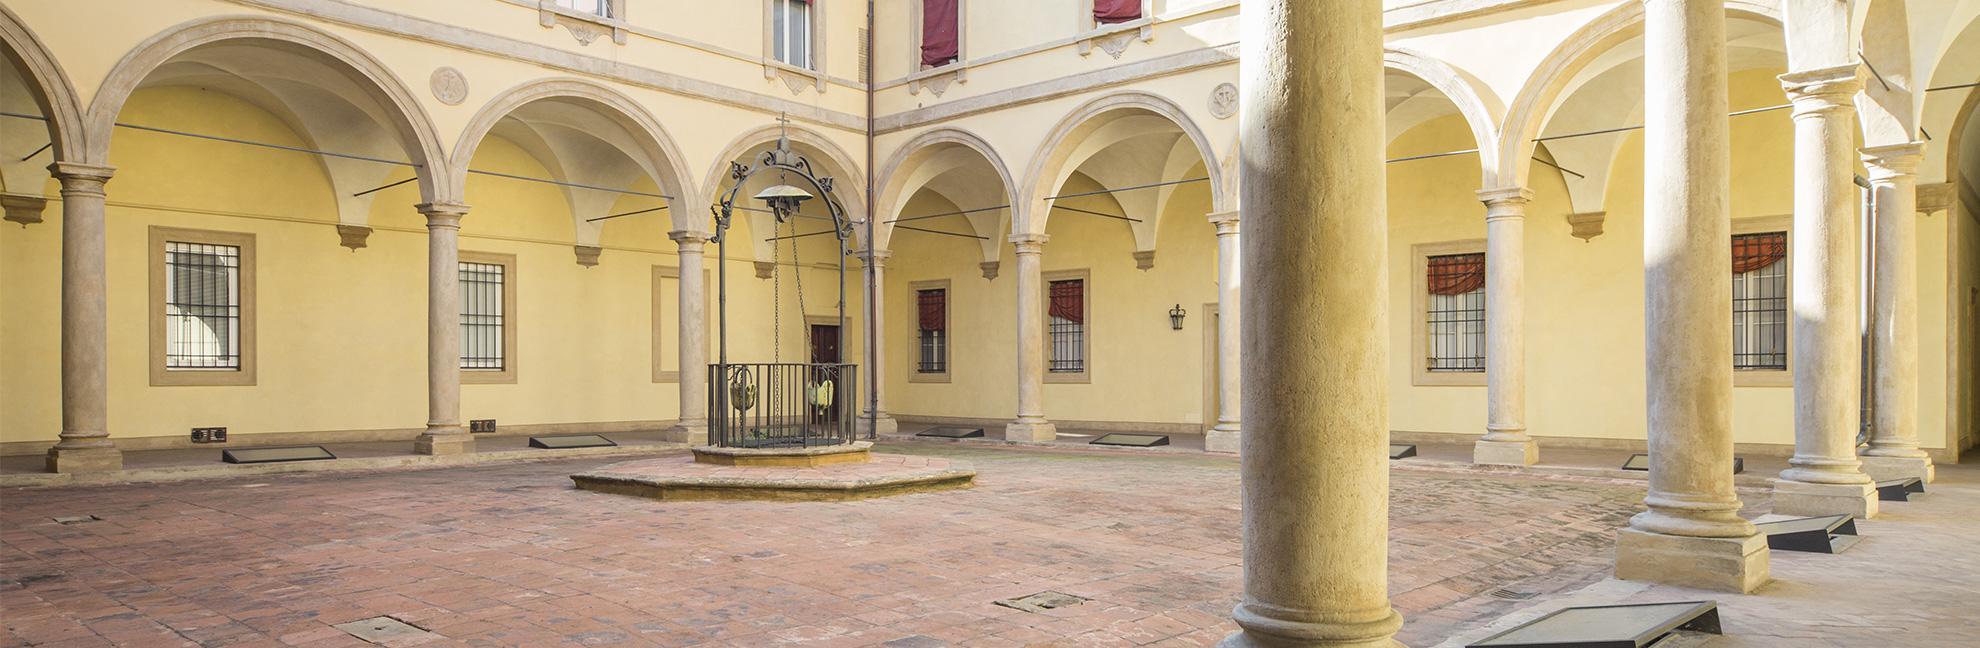 Due torri servizi Bologna